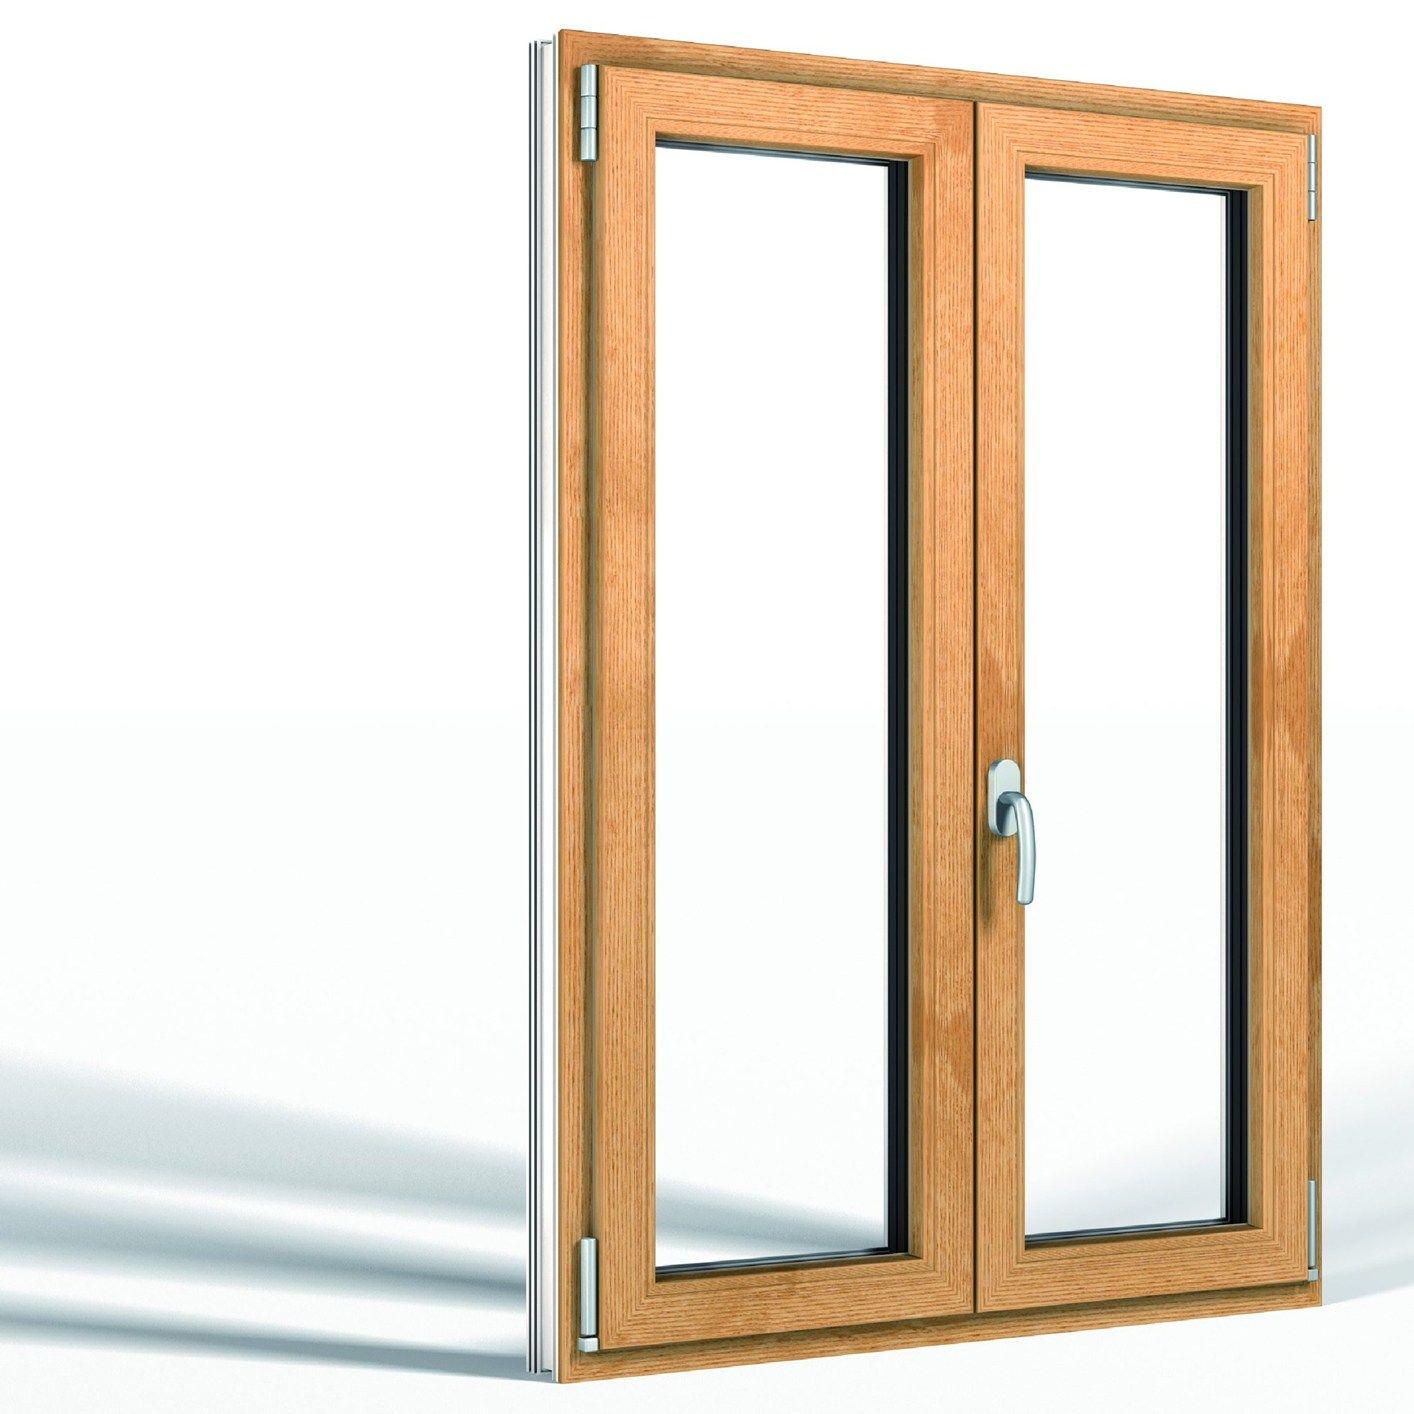 Pulire persiane legno trendy come pulire i vetri with pulire persiane legno finest eco - Pulire porte legno ...